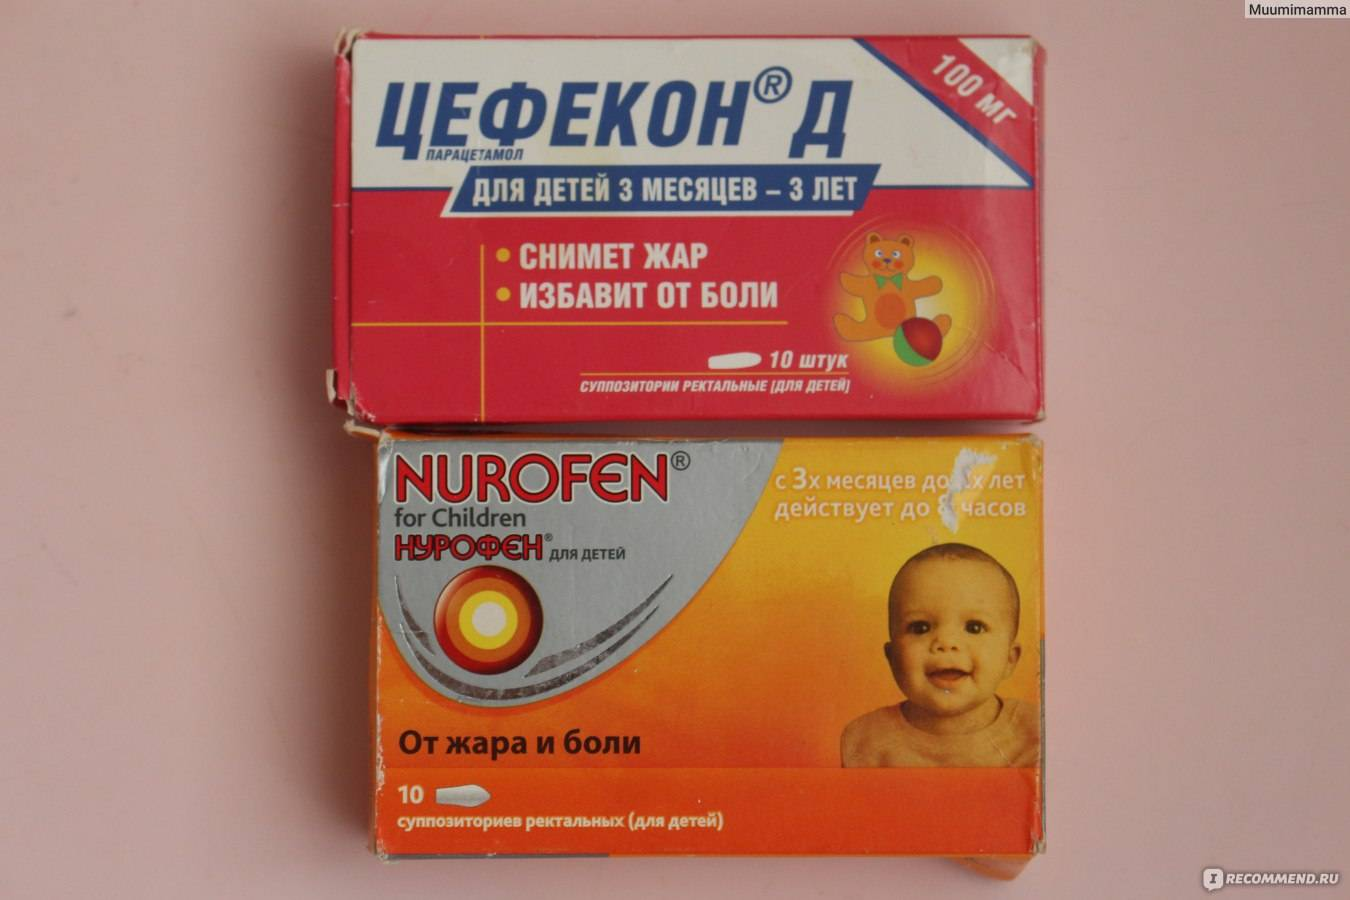 Цефекон (свечи) для детей: инструкция по применению и отзывы